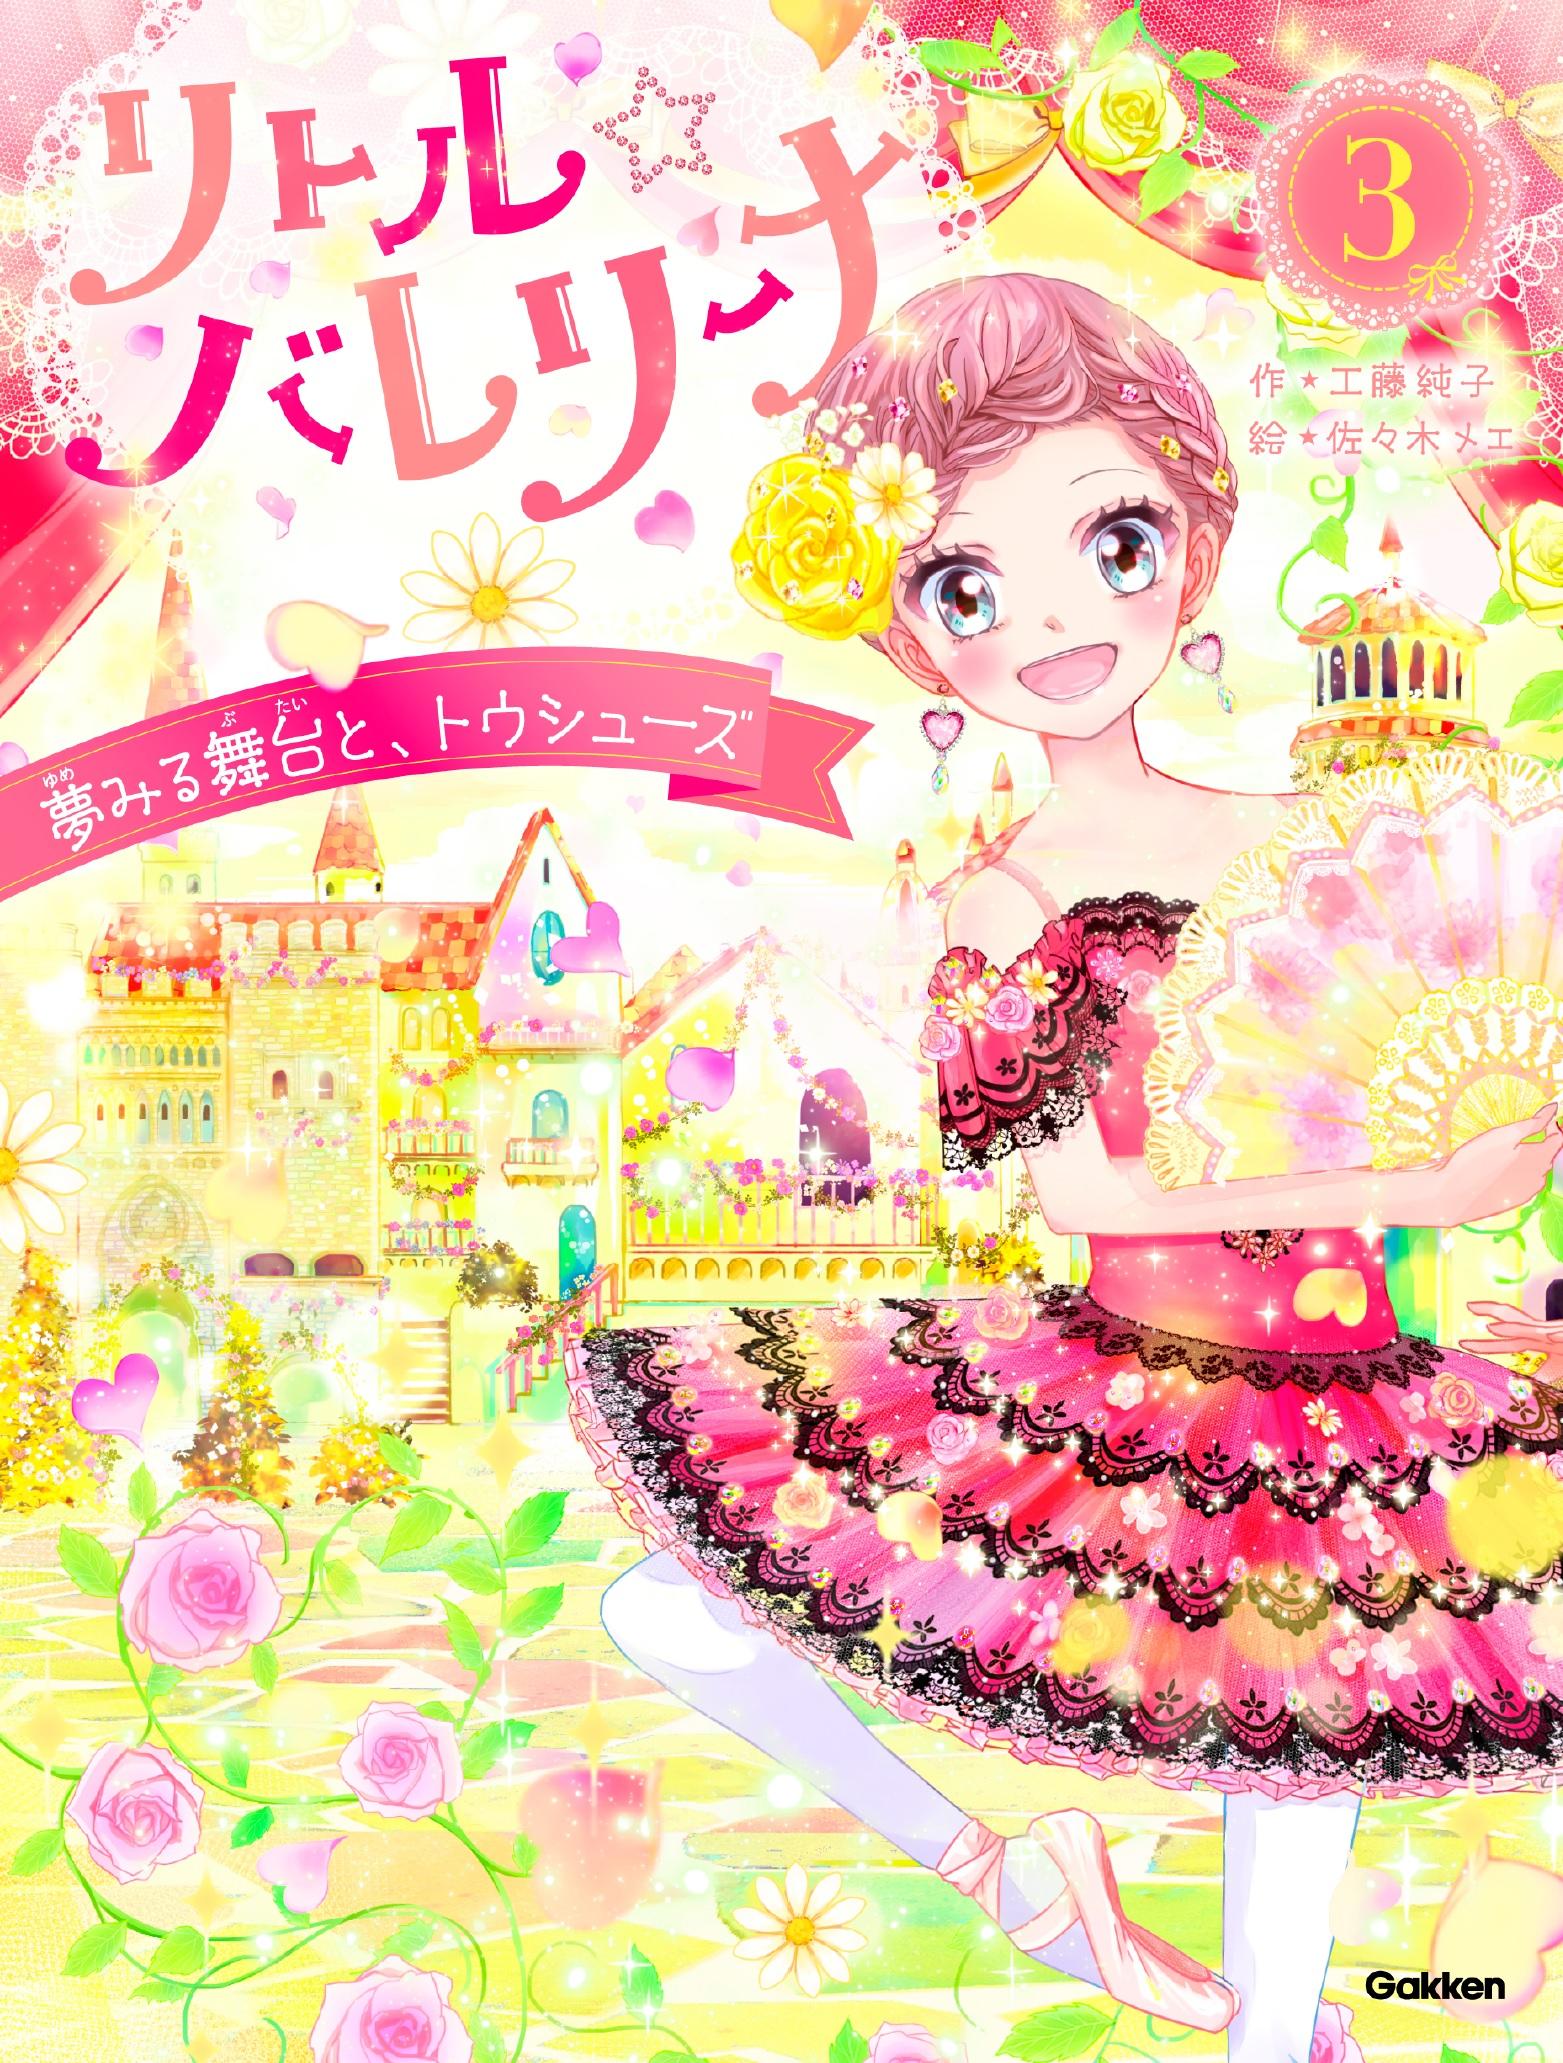 『リトル☆バレリーナ 3巻 夢みる舞台と、トウシューズ』書影